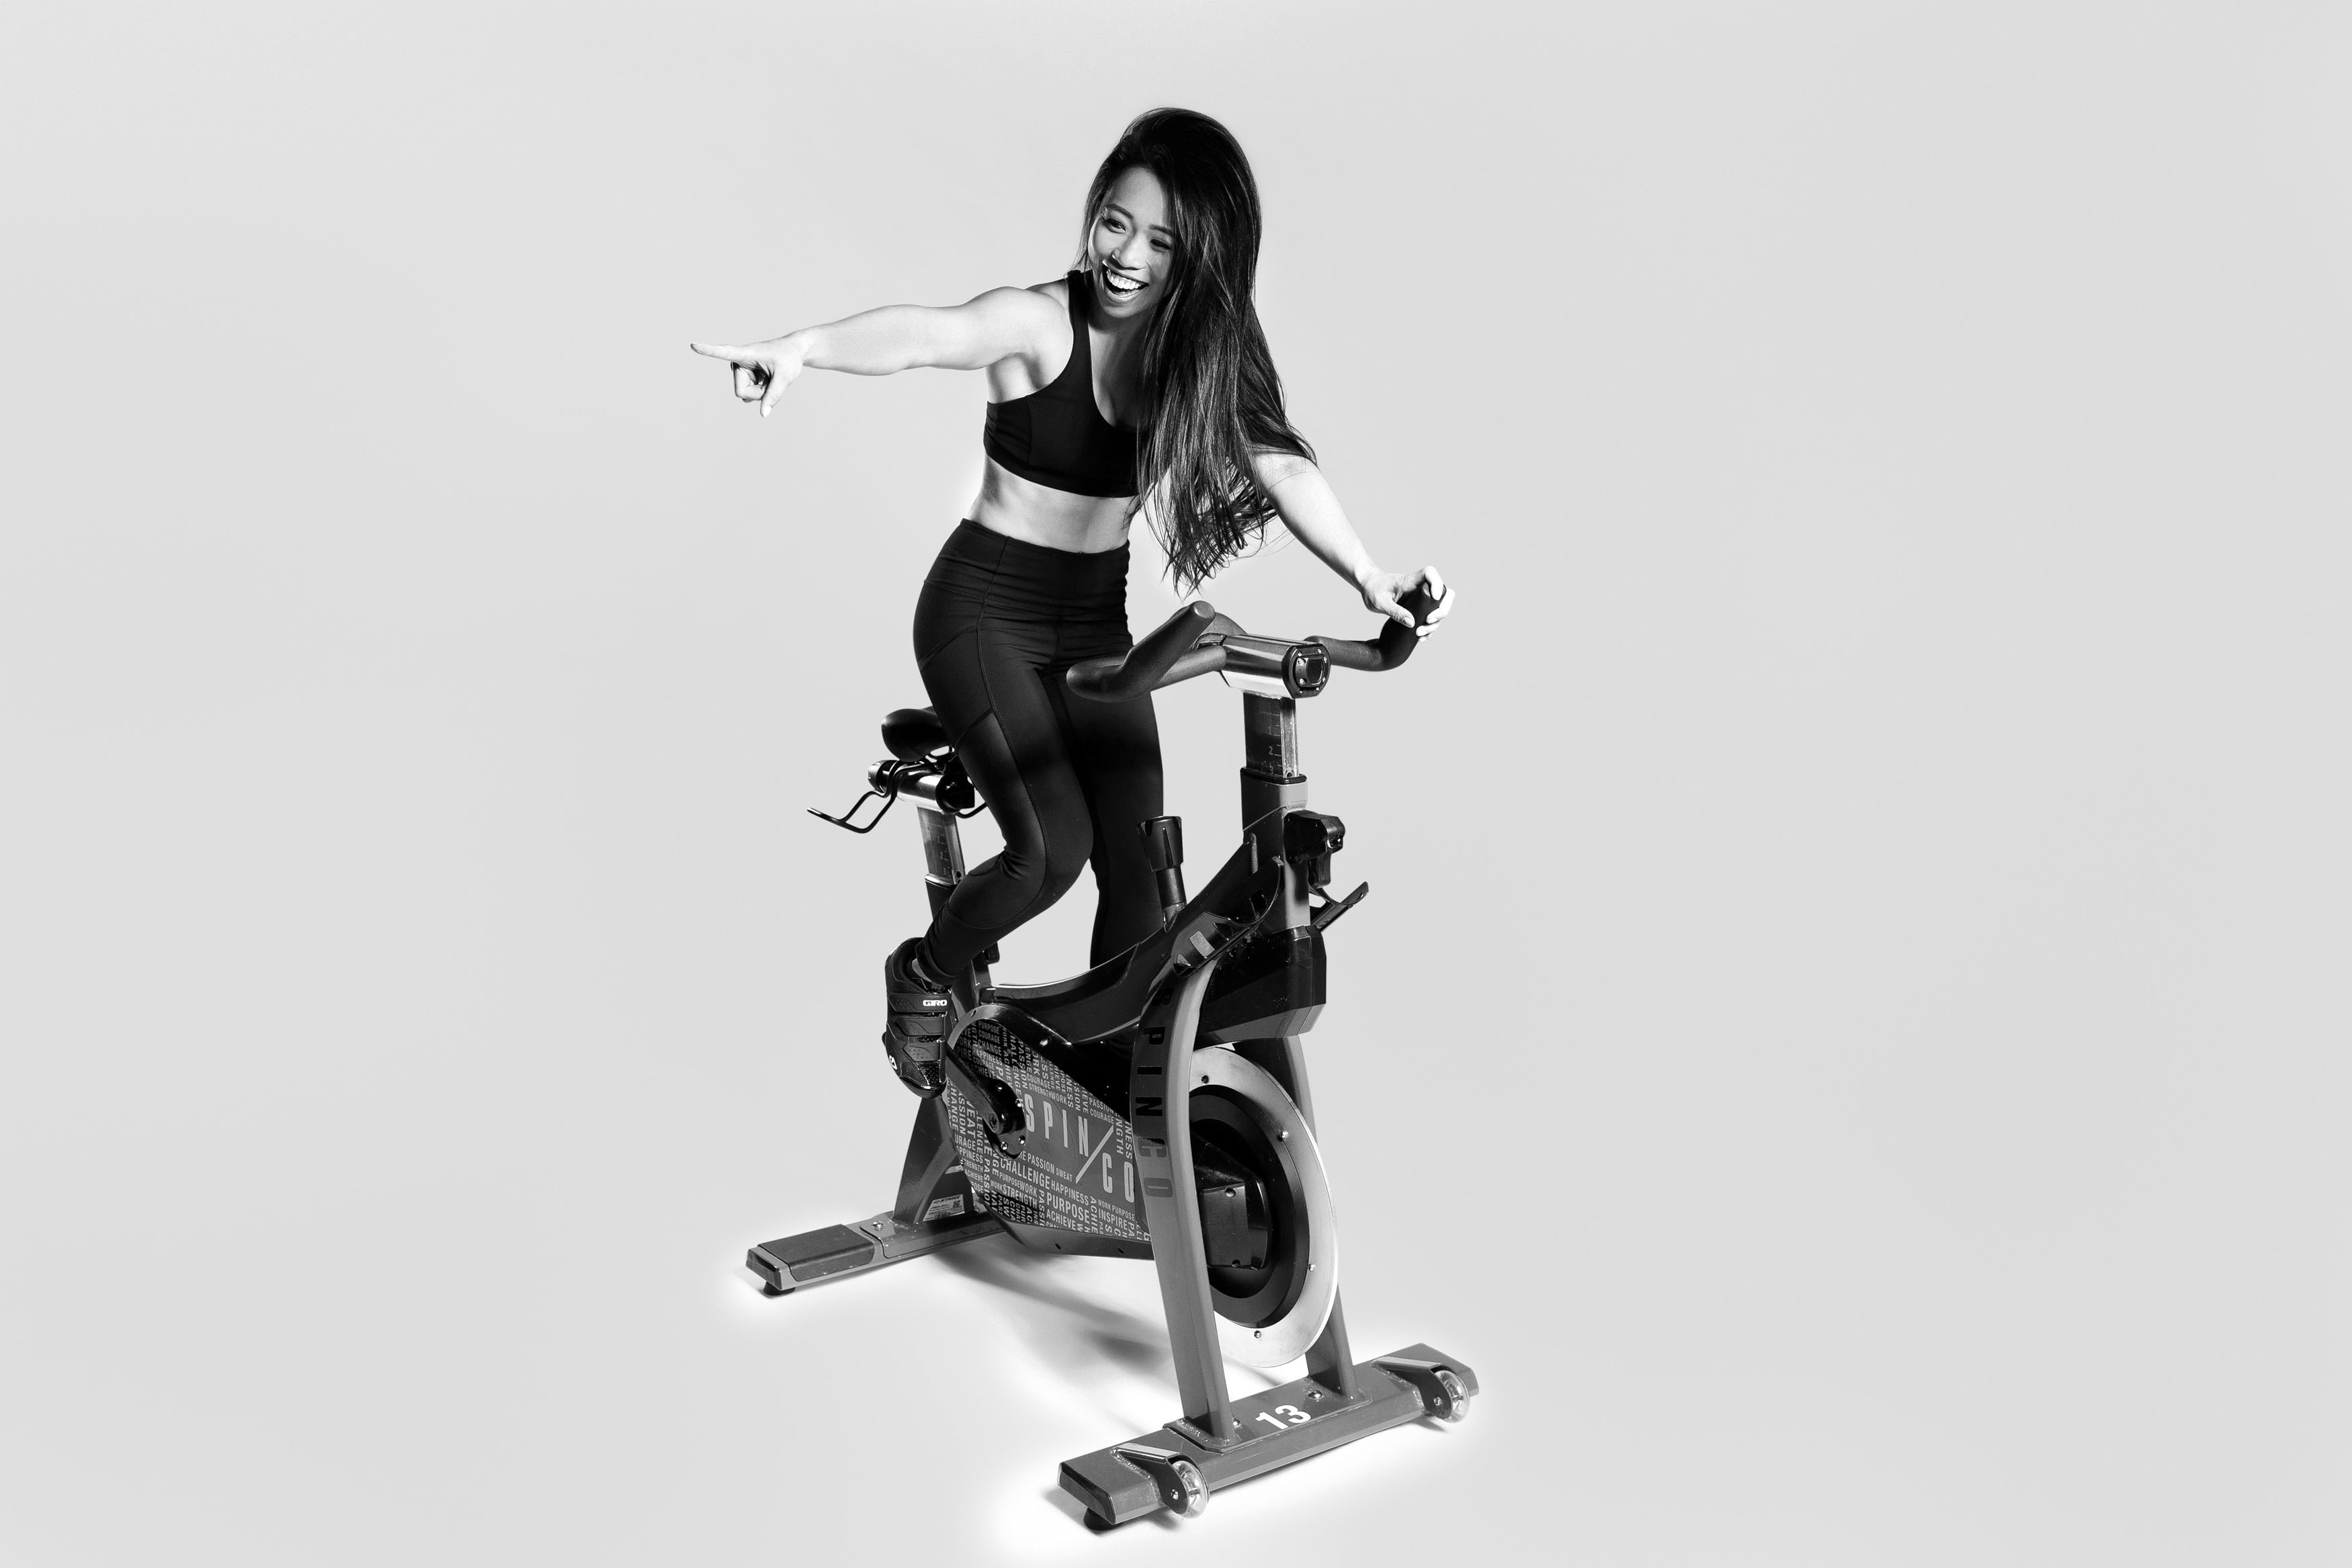 Natalie Kwong